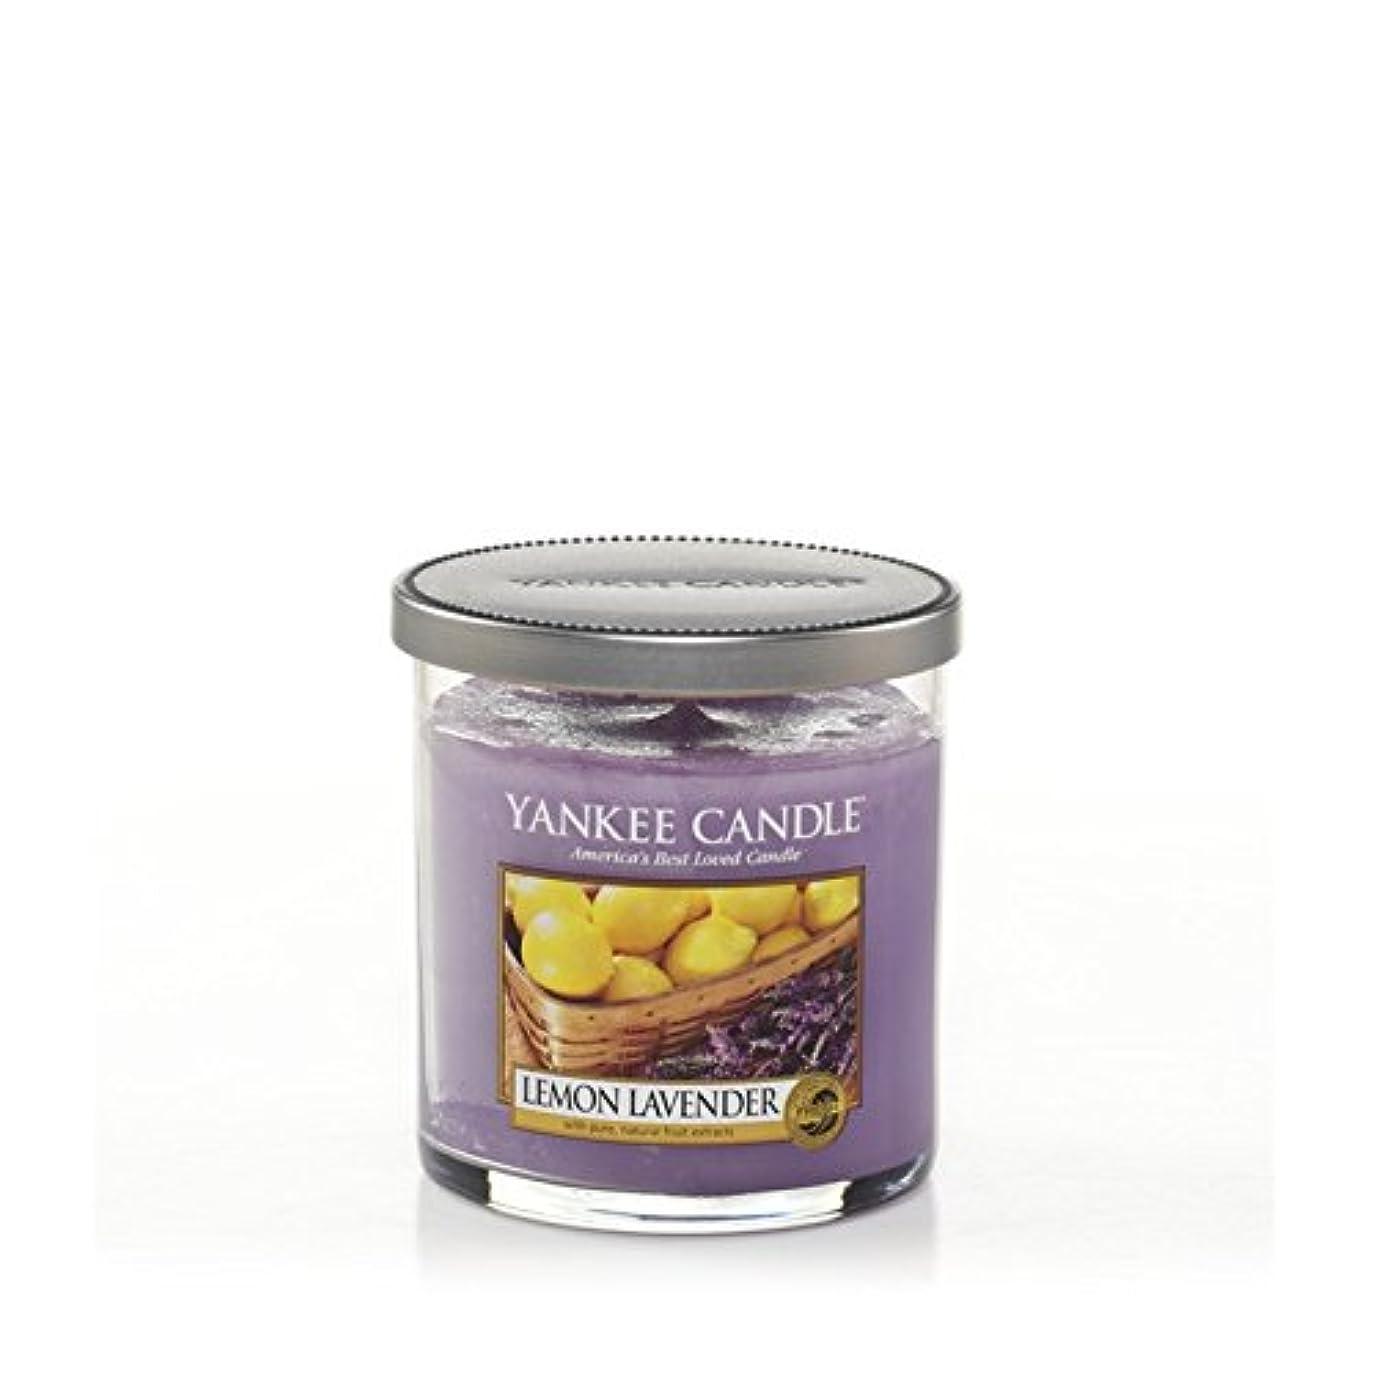 スポーツの試合を担当している人の前でリットルヤンキーキャンドルの小さな柱キャンドル - レモンラベンダー - Yankee Candles Small Pillar Candle - Lemon Lavender (Yankee Candles) [並行輸入品]